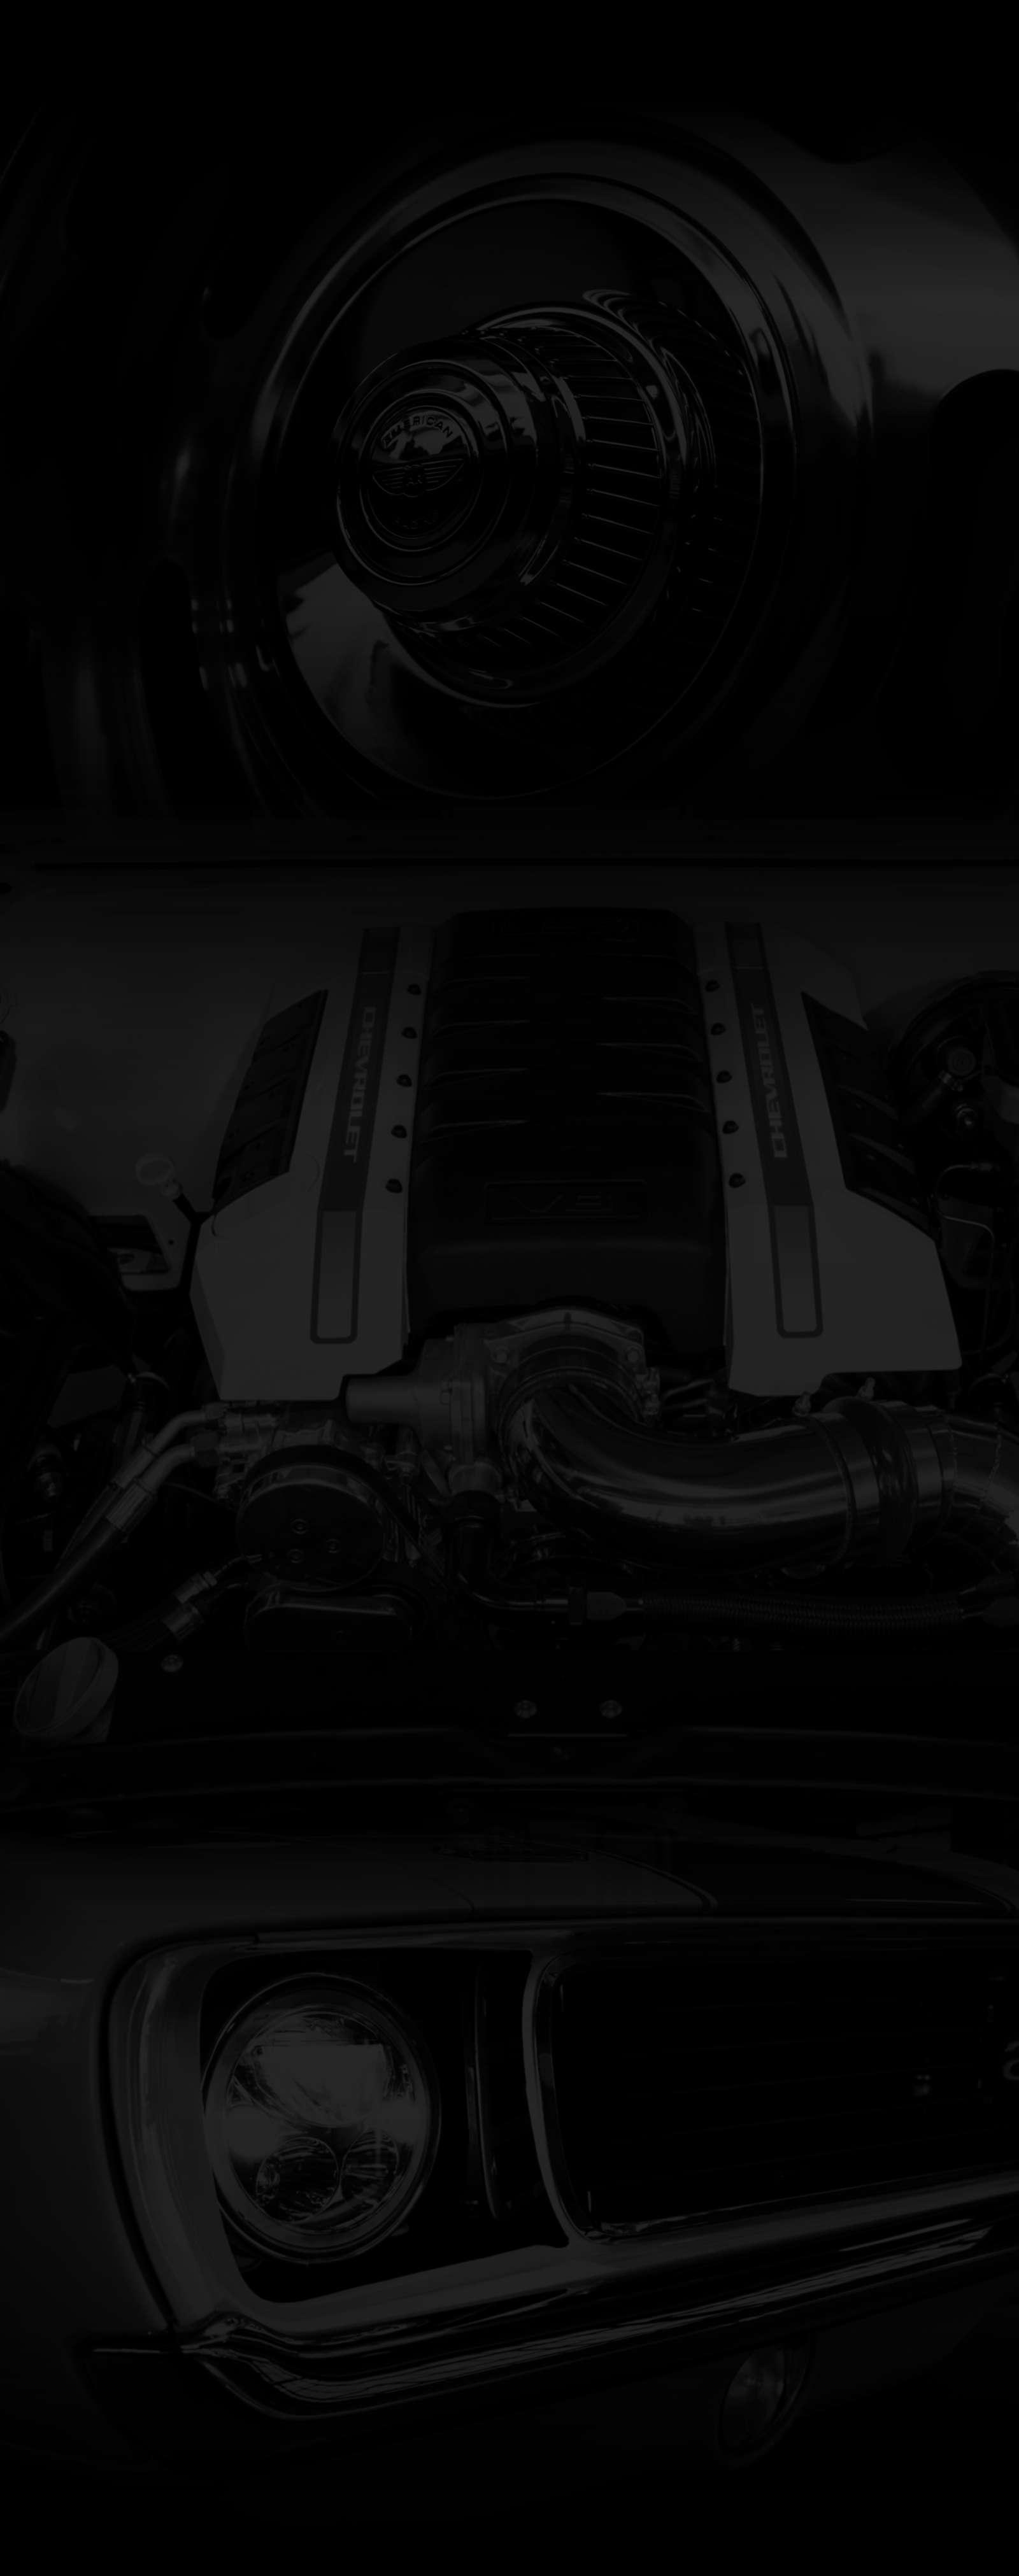 Camaro Engine Wiring Harness On 1969 Camaro Wiring Harness Under Dash